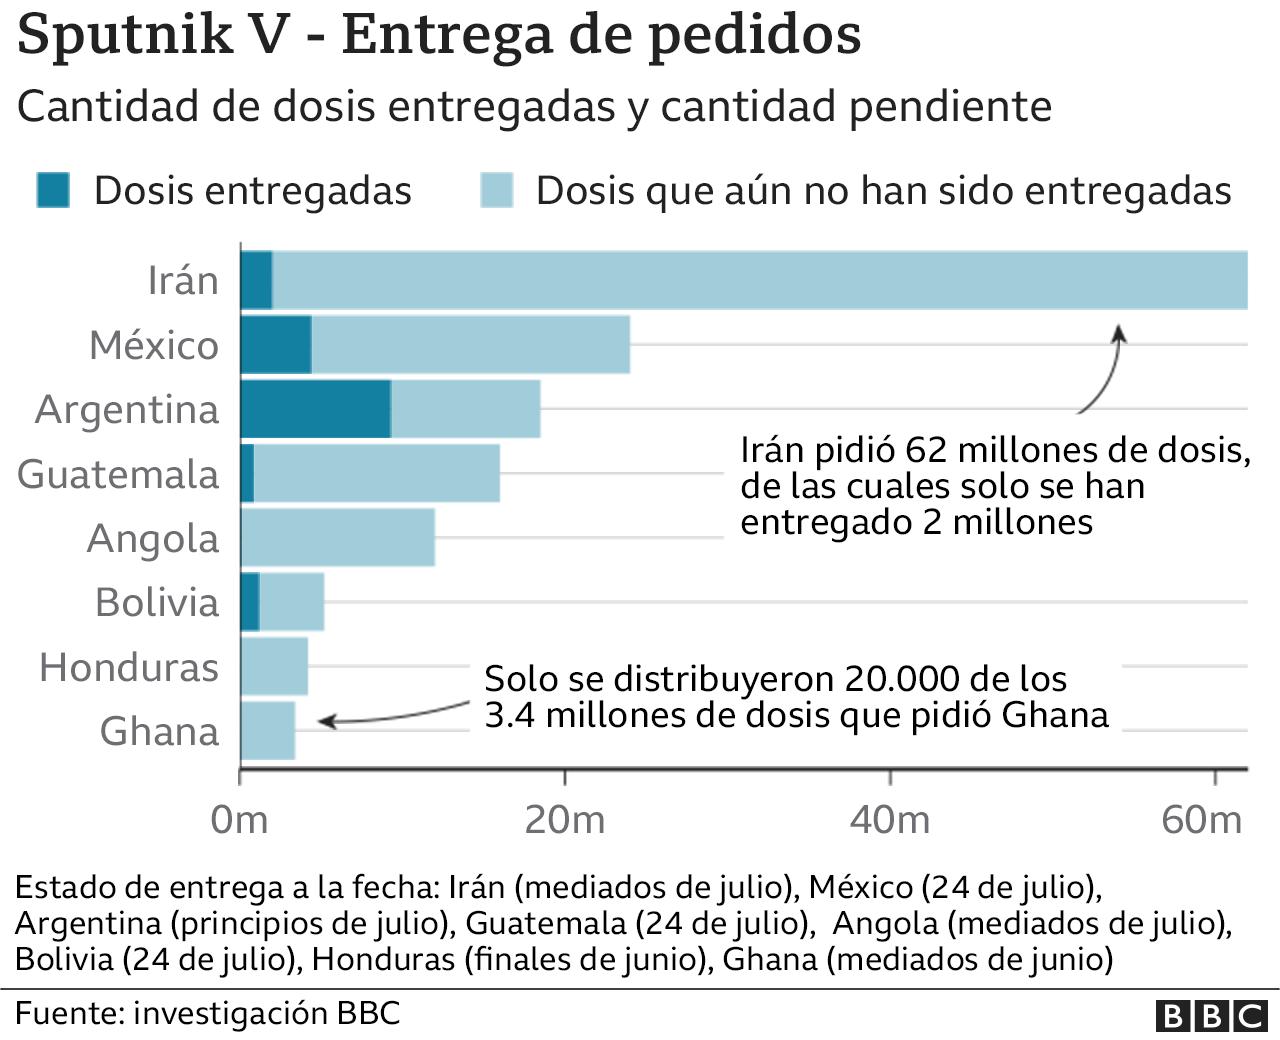 Tabla que muestra cantidad de dosis de Sputnik V pedidas y entregadas